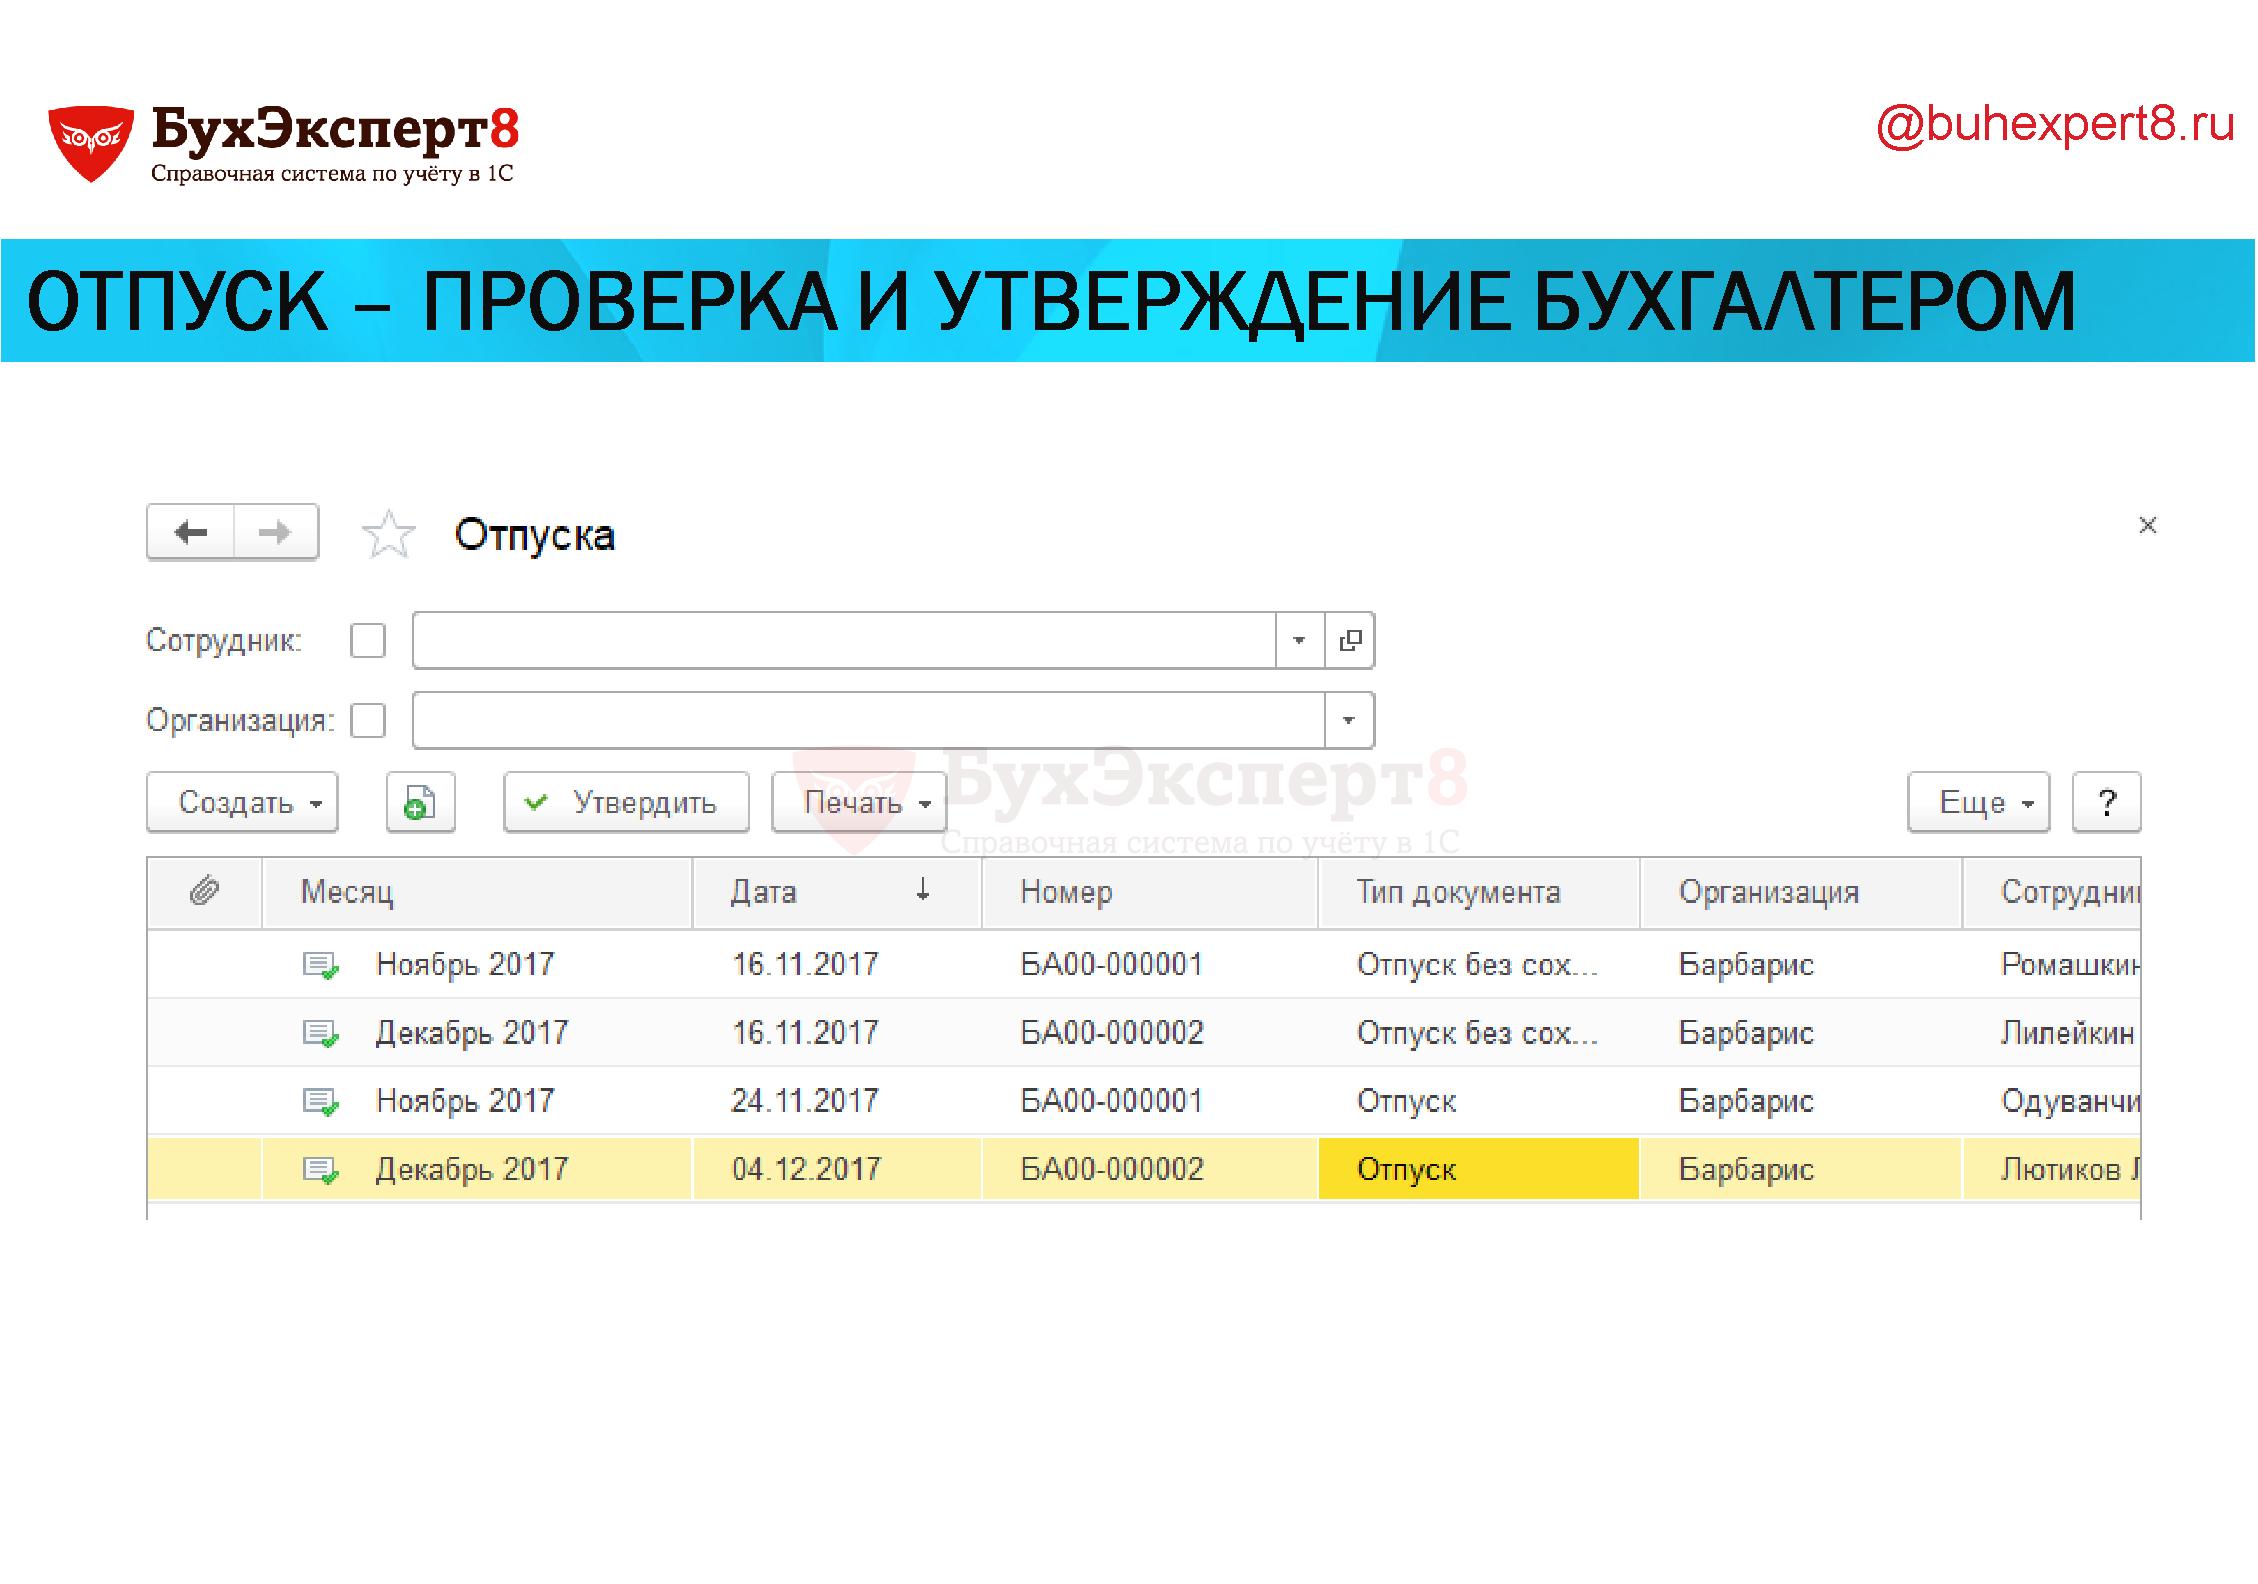 ОТПУСК – проверка и утверждение бухгалтером